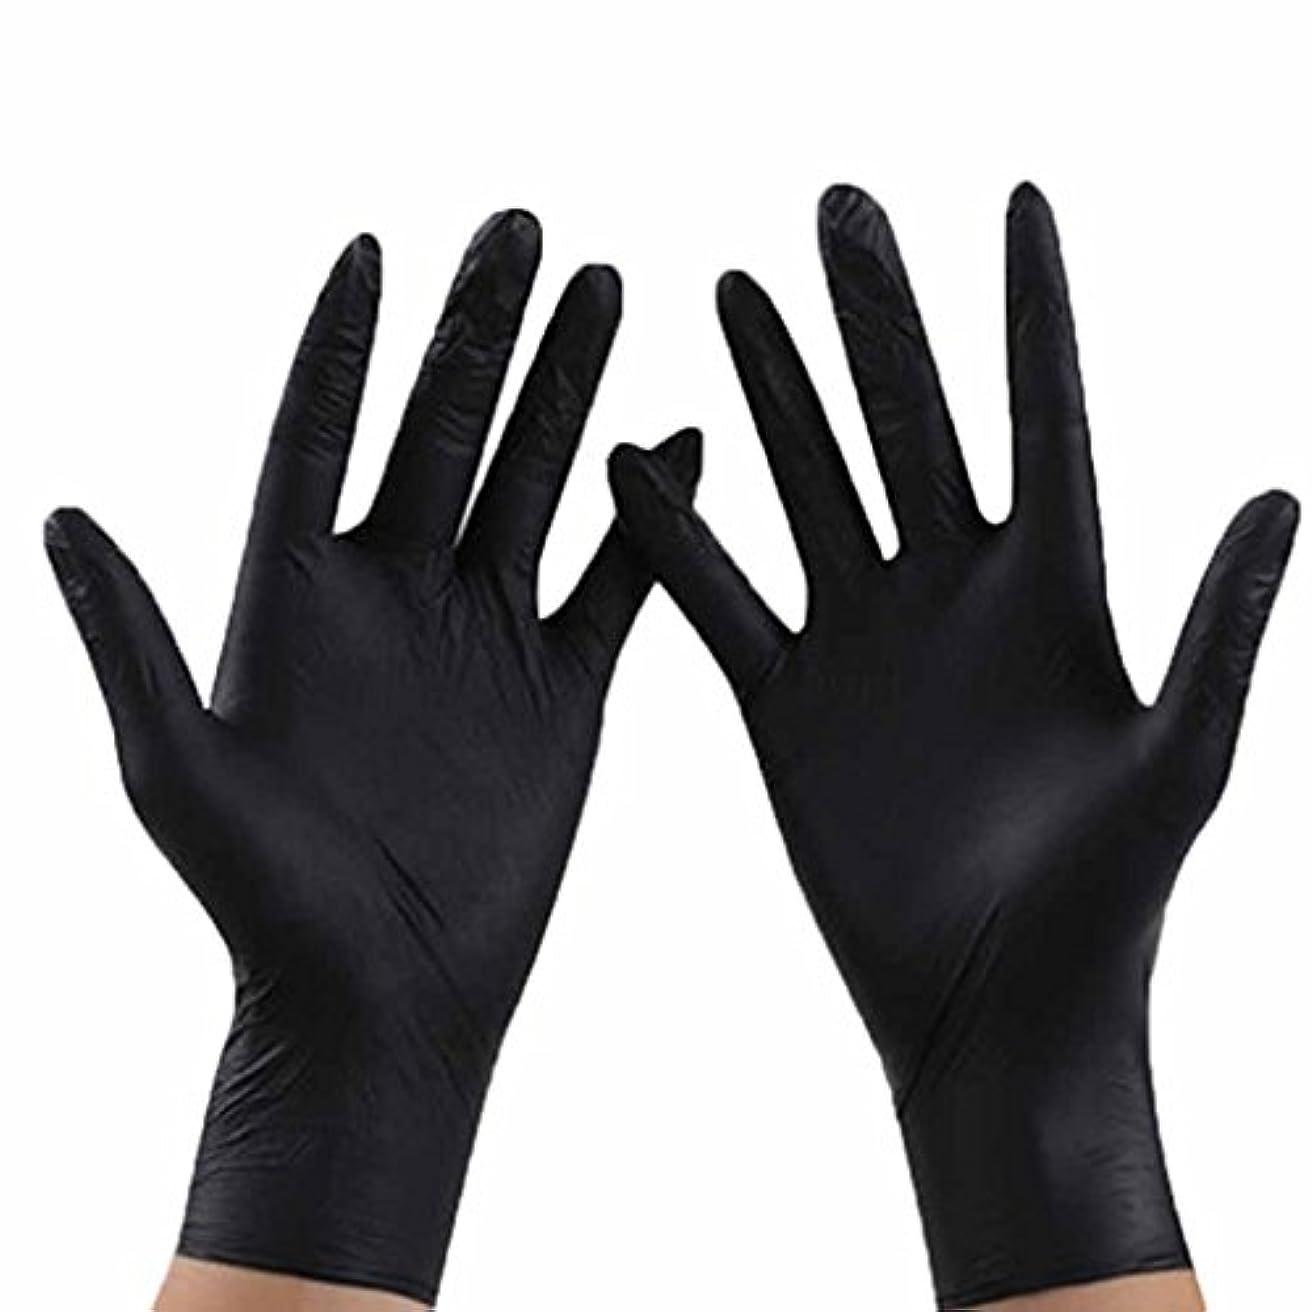 水族館新聞裂け目使い捨て手袋 ブラックニトリル通気性使い捨て手袋防水防汚環境保護手袋 (Size : S)